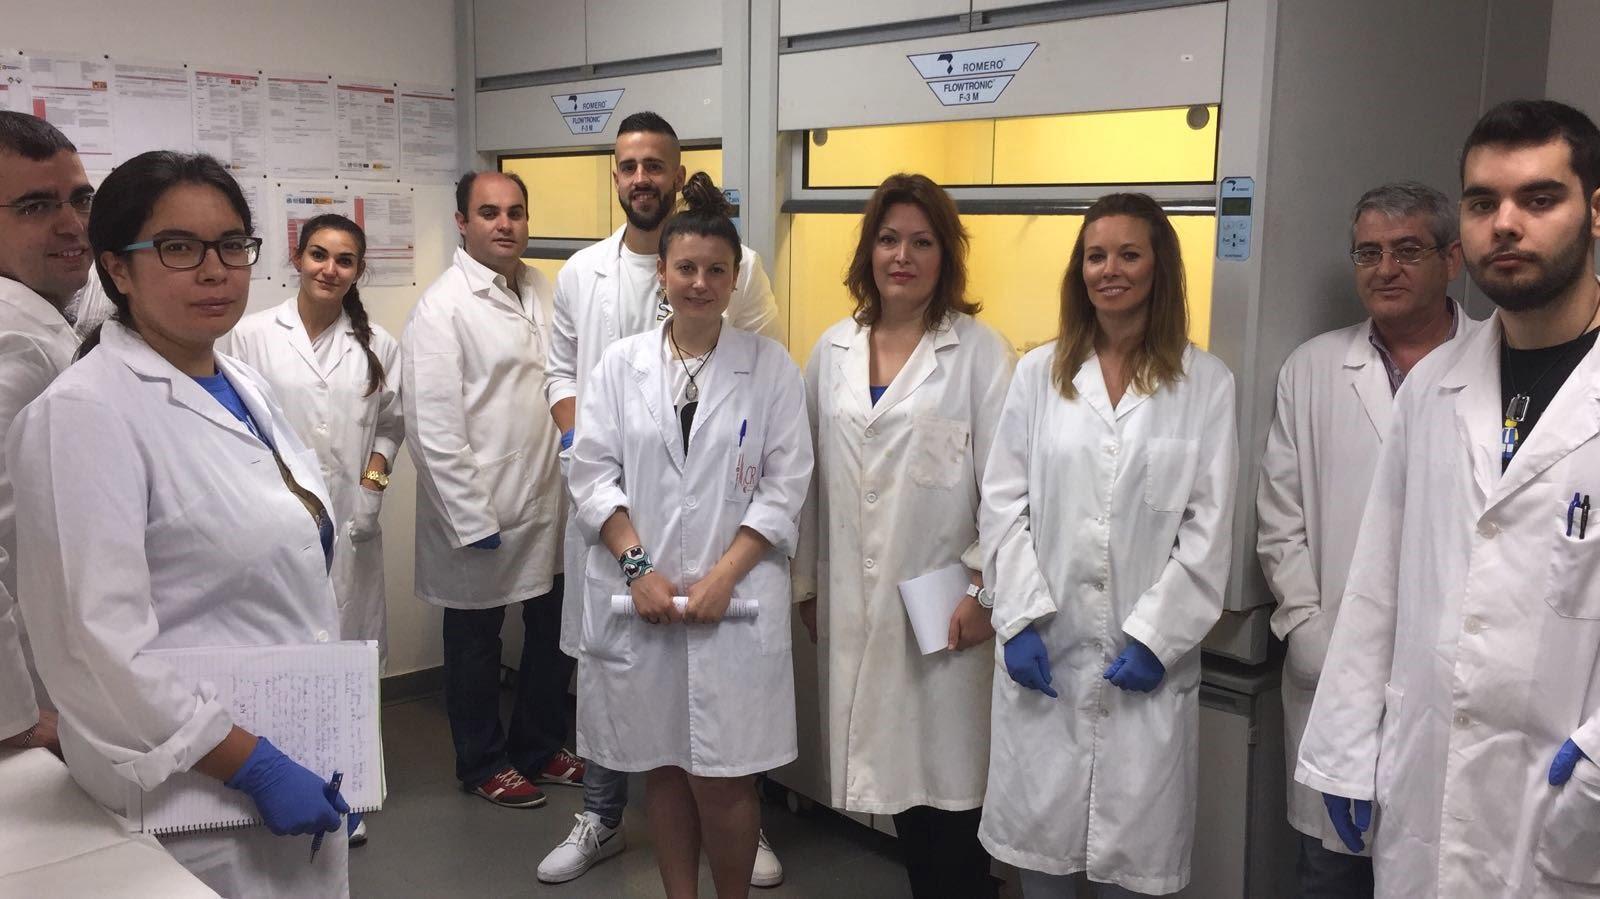 La Universidad de Huelva celebra un curso de medición de radiactividad.